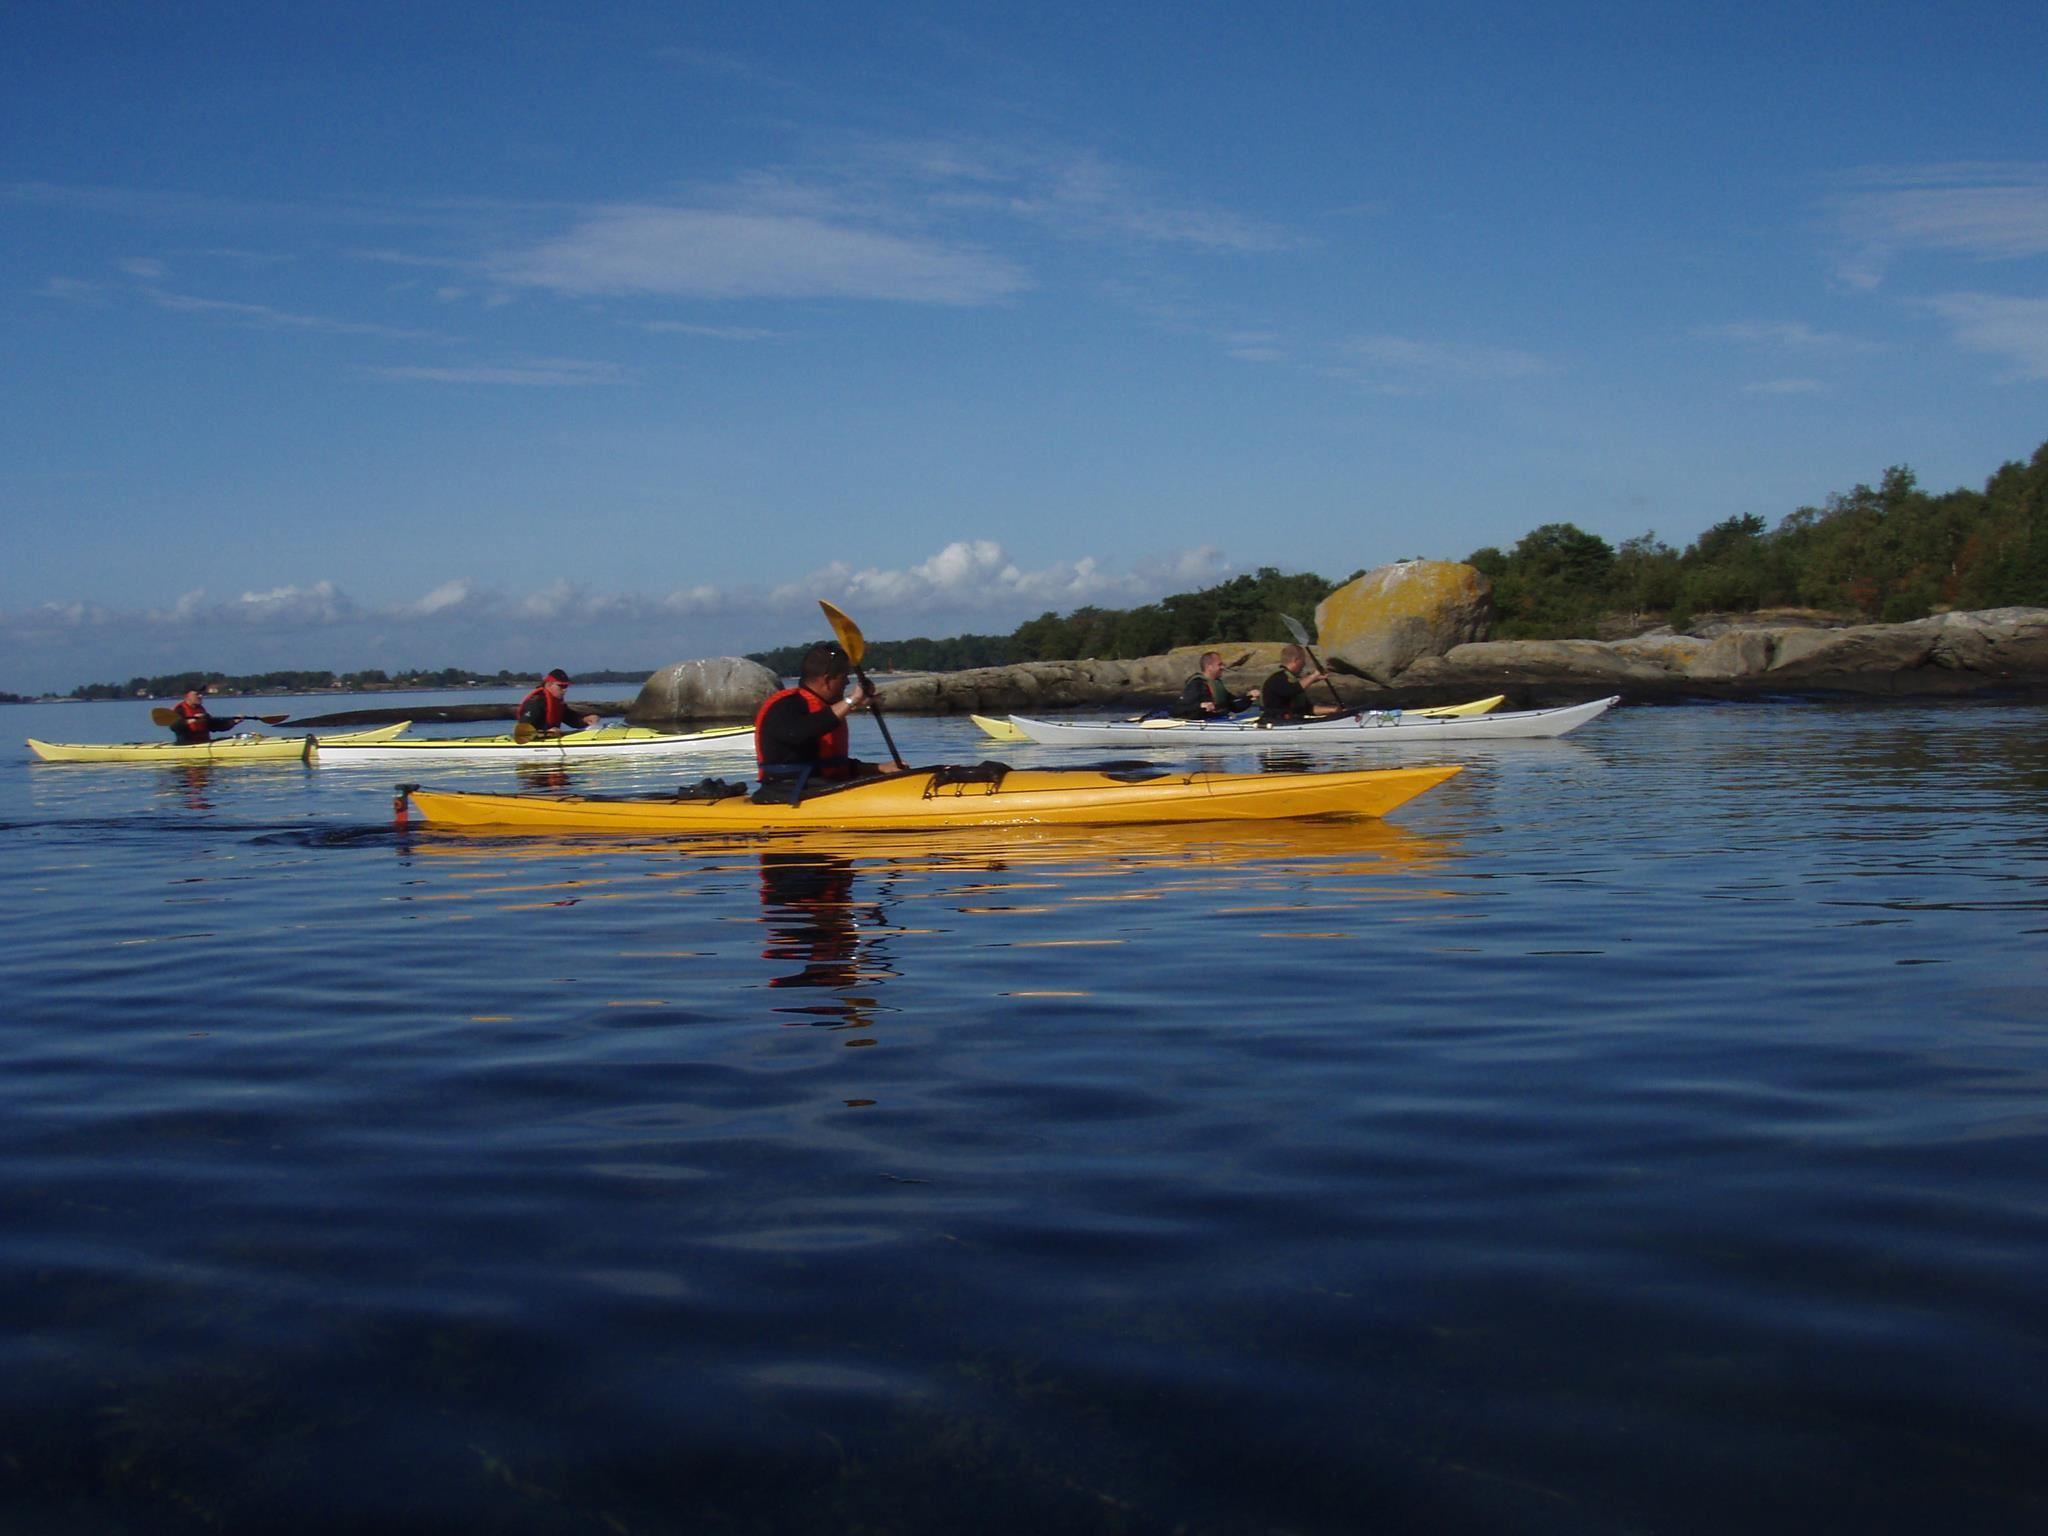 Äventyrscompaniet - Canoes for hire